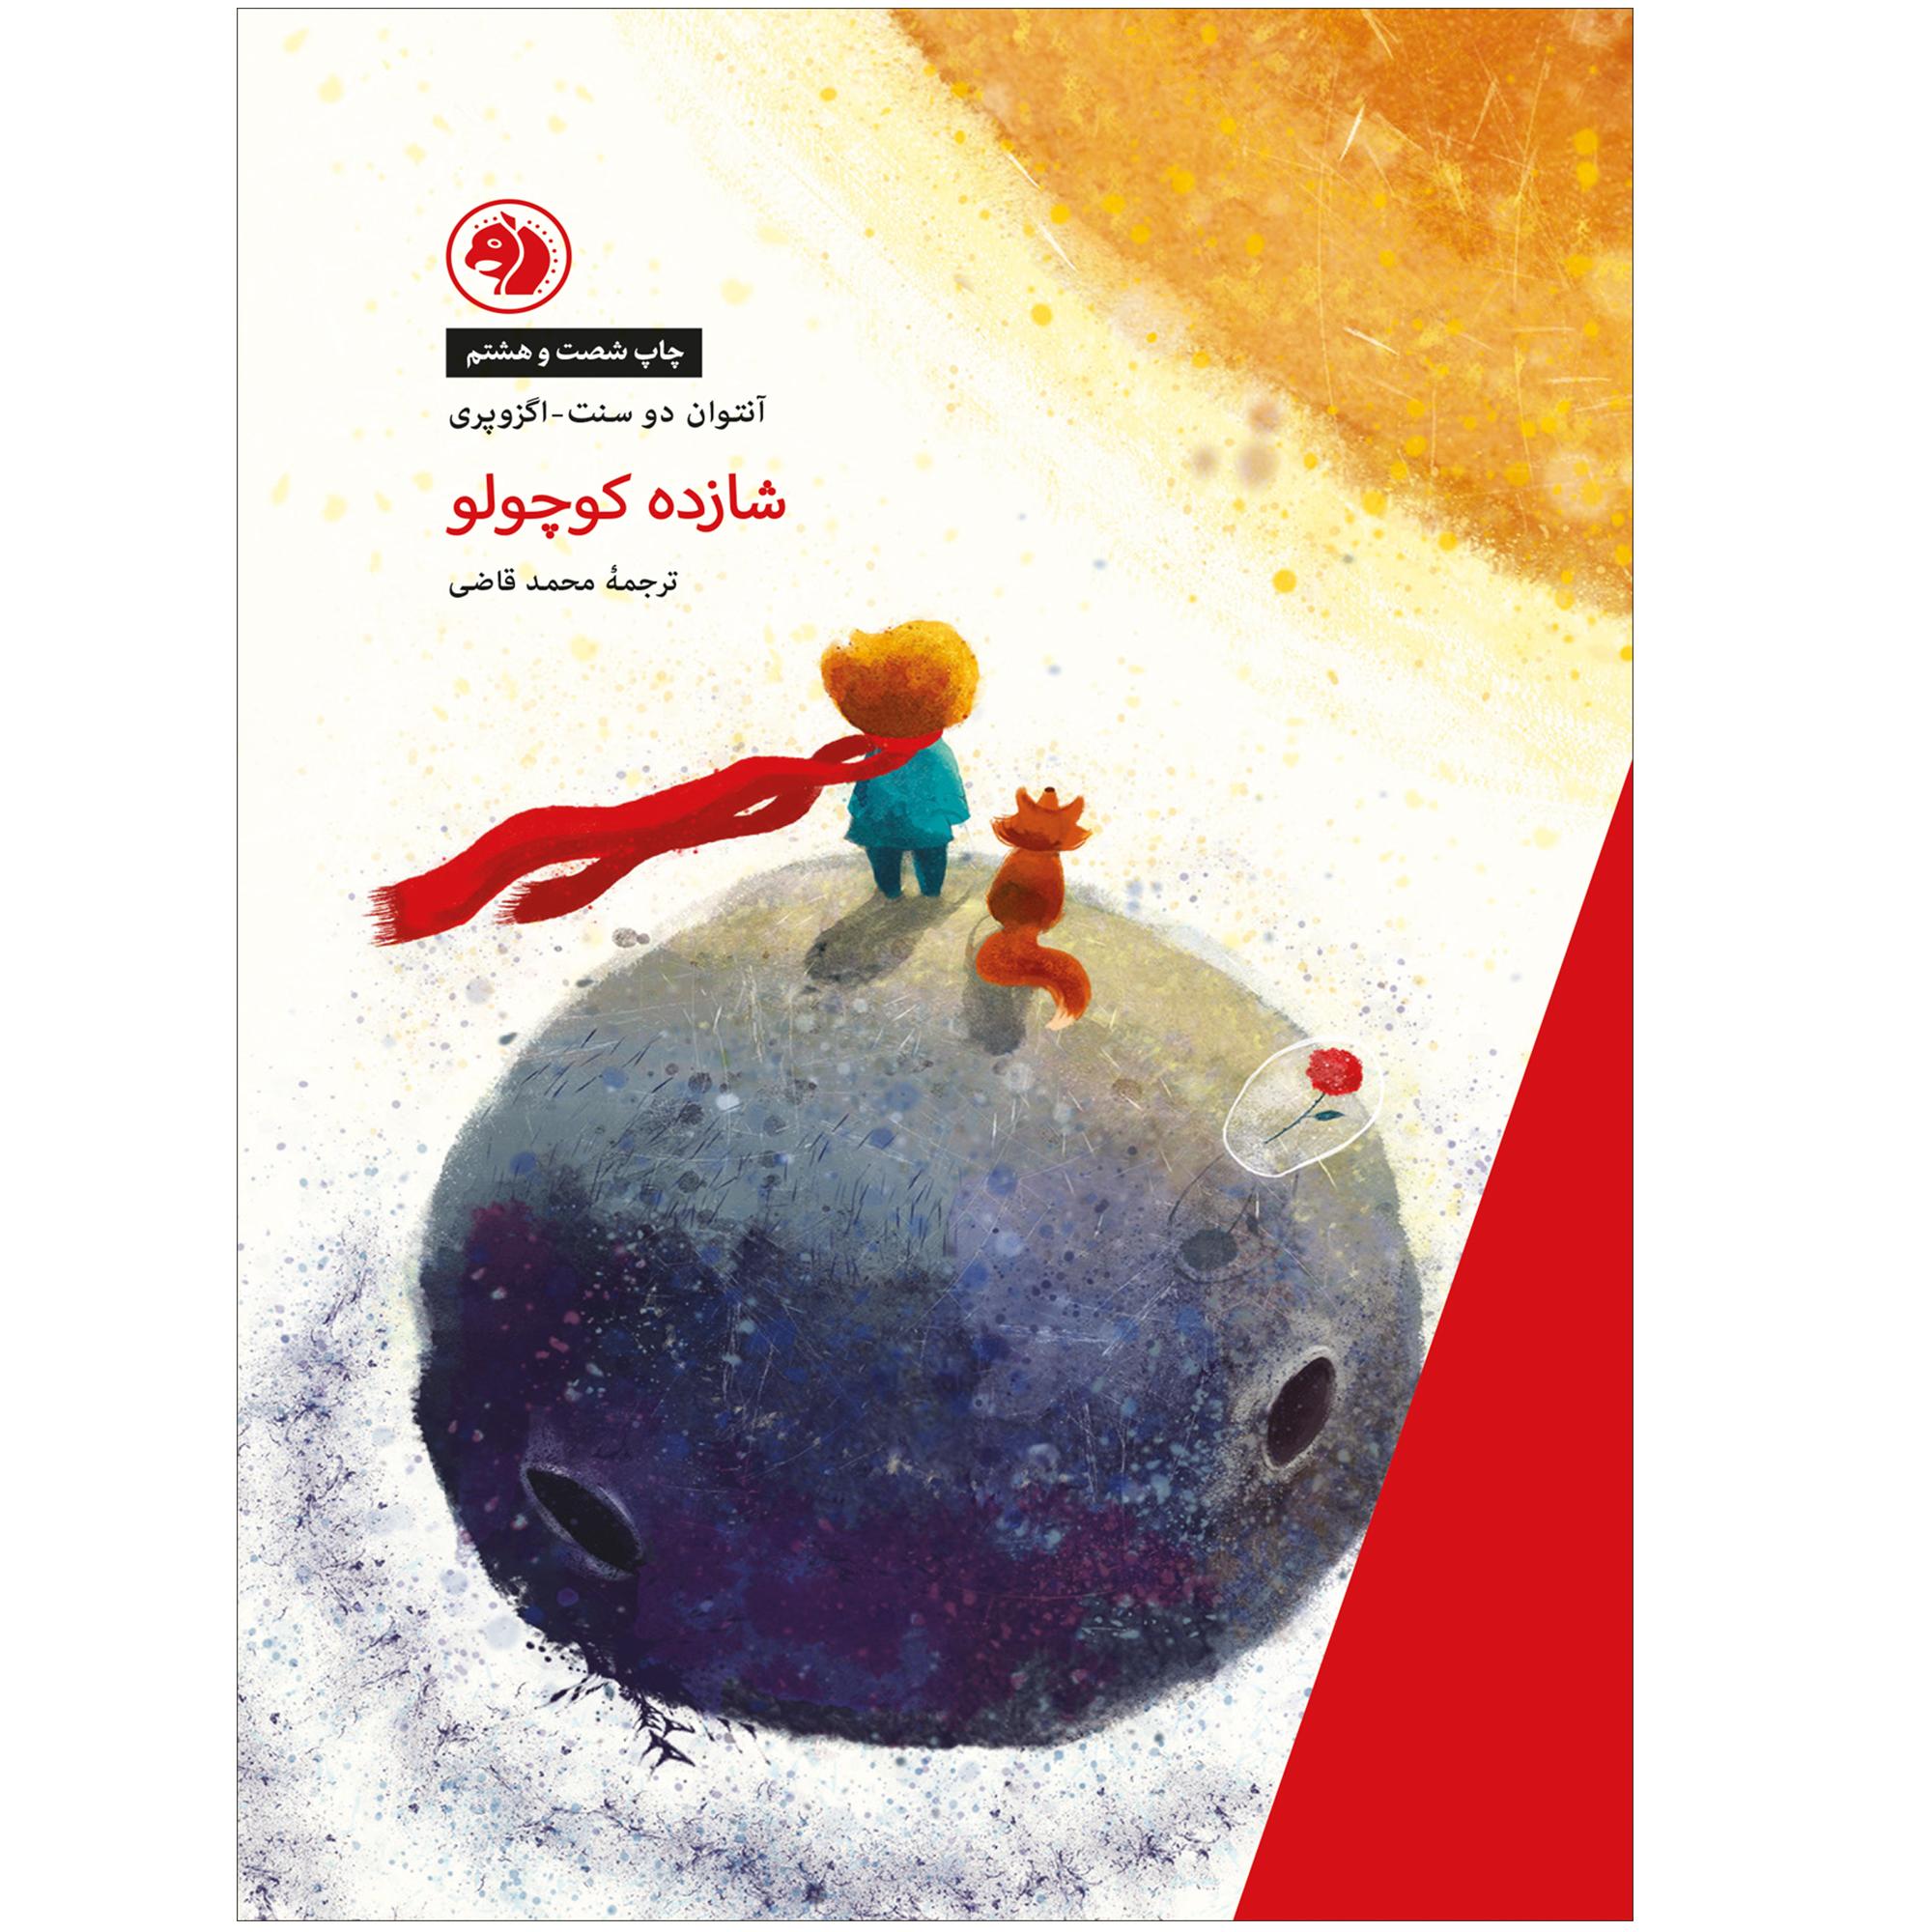 خرید                      کتاب شازده کوچولو اثر آنتوان دوسنت اگزوپری نشر امیرکبیر